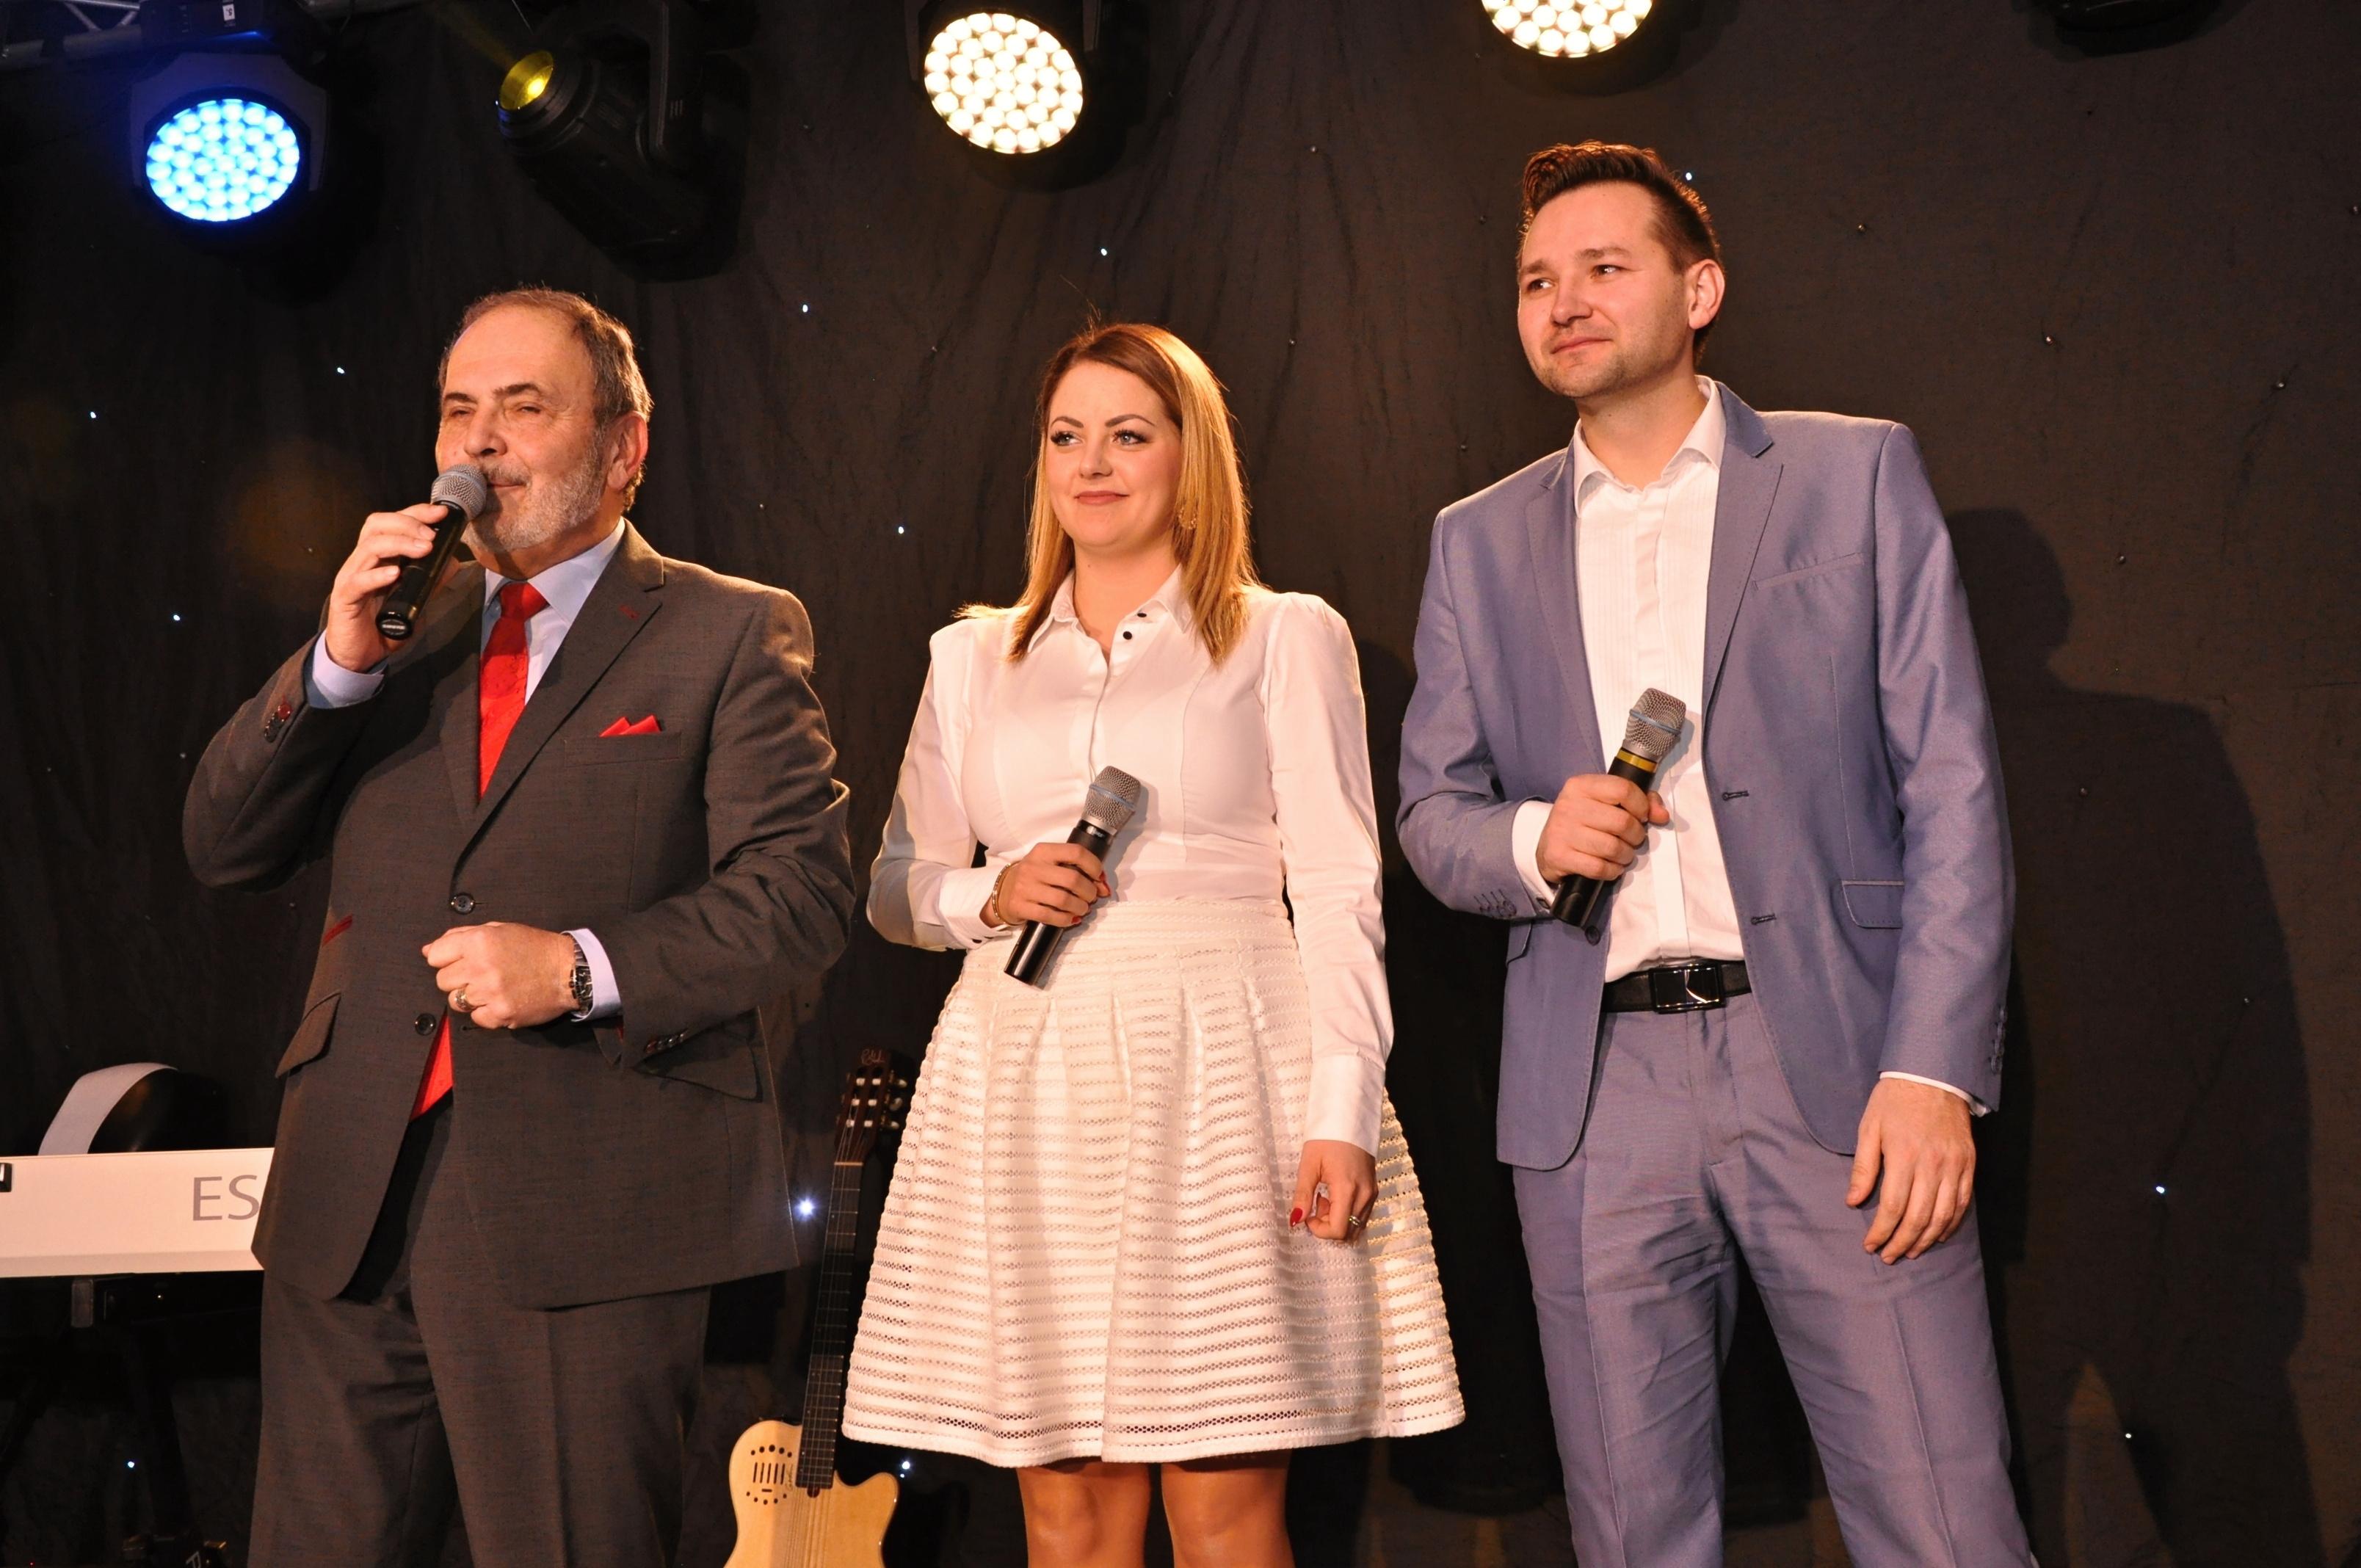 Petr_Průša_Photo494